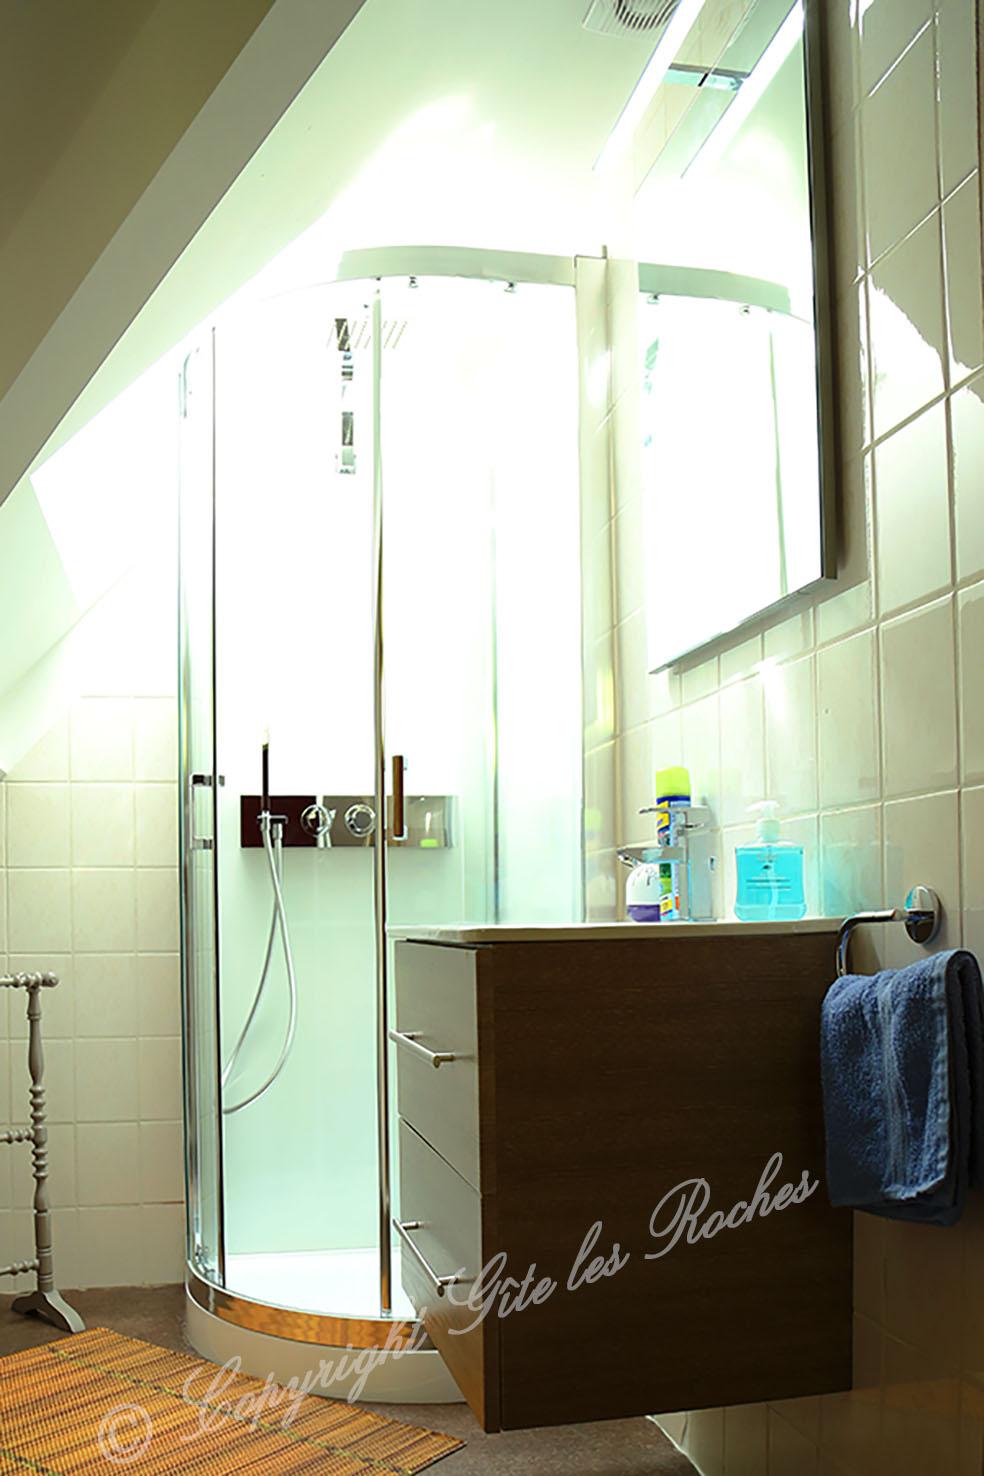 gite-les-roches-douche